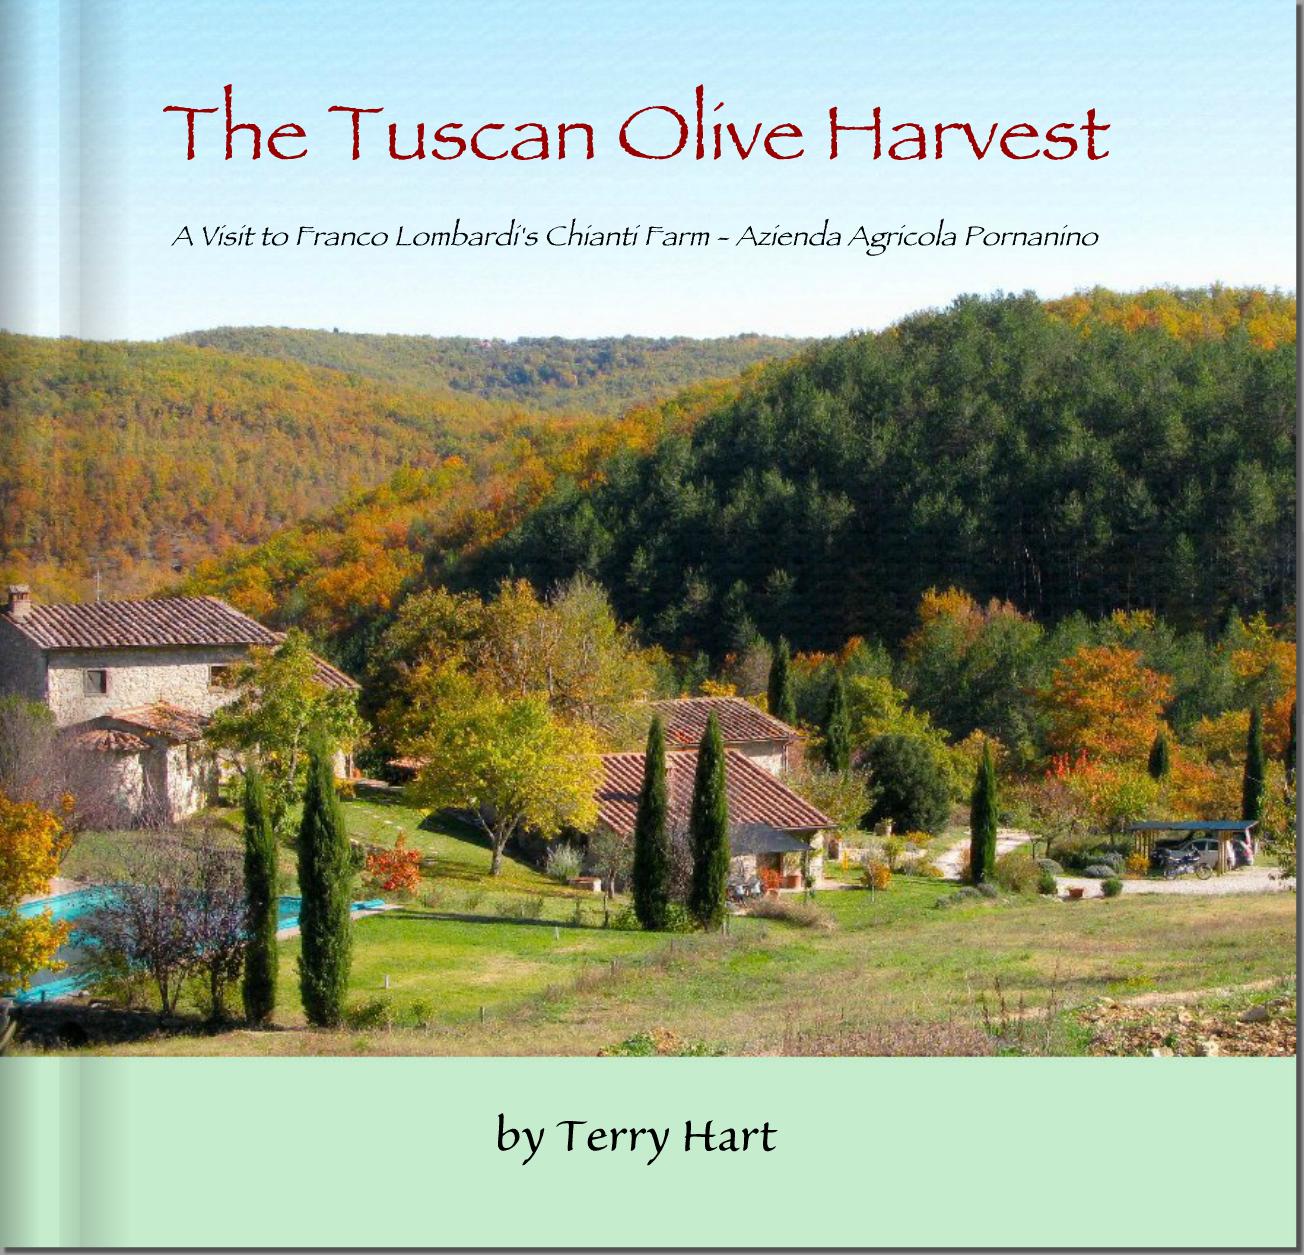 OLIVE HARVEST BOOK